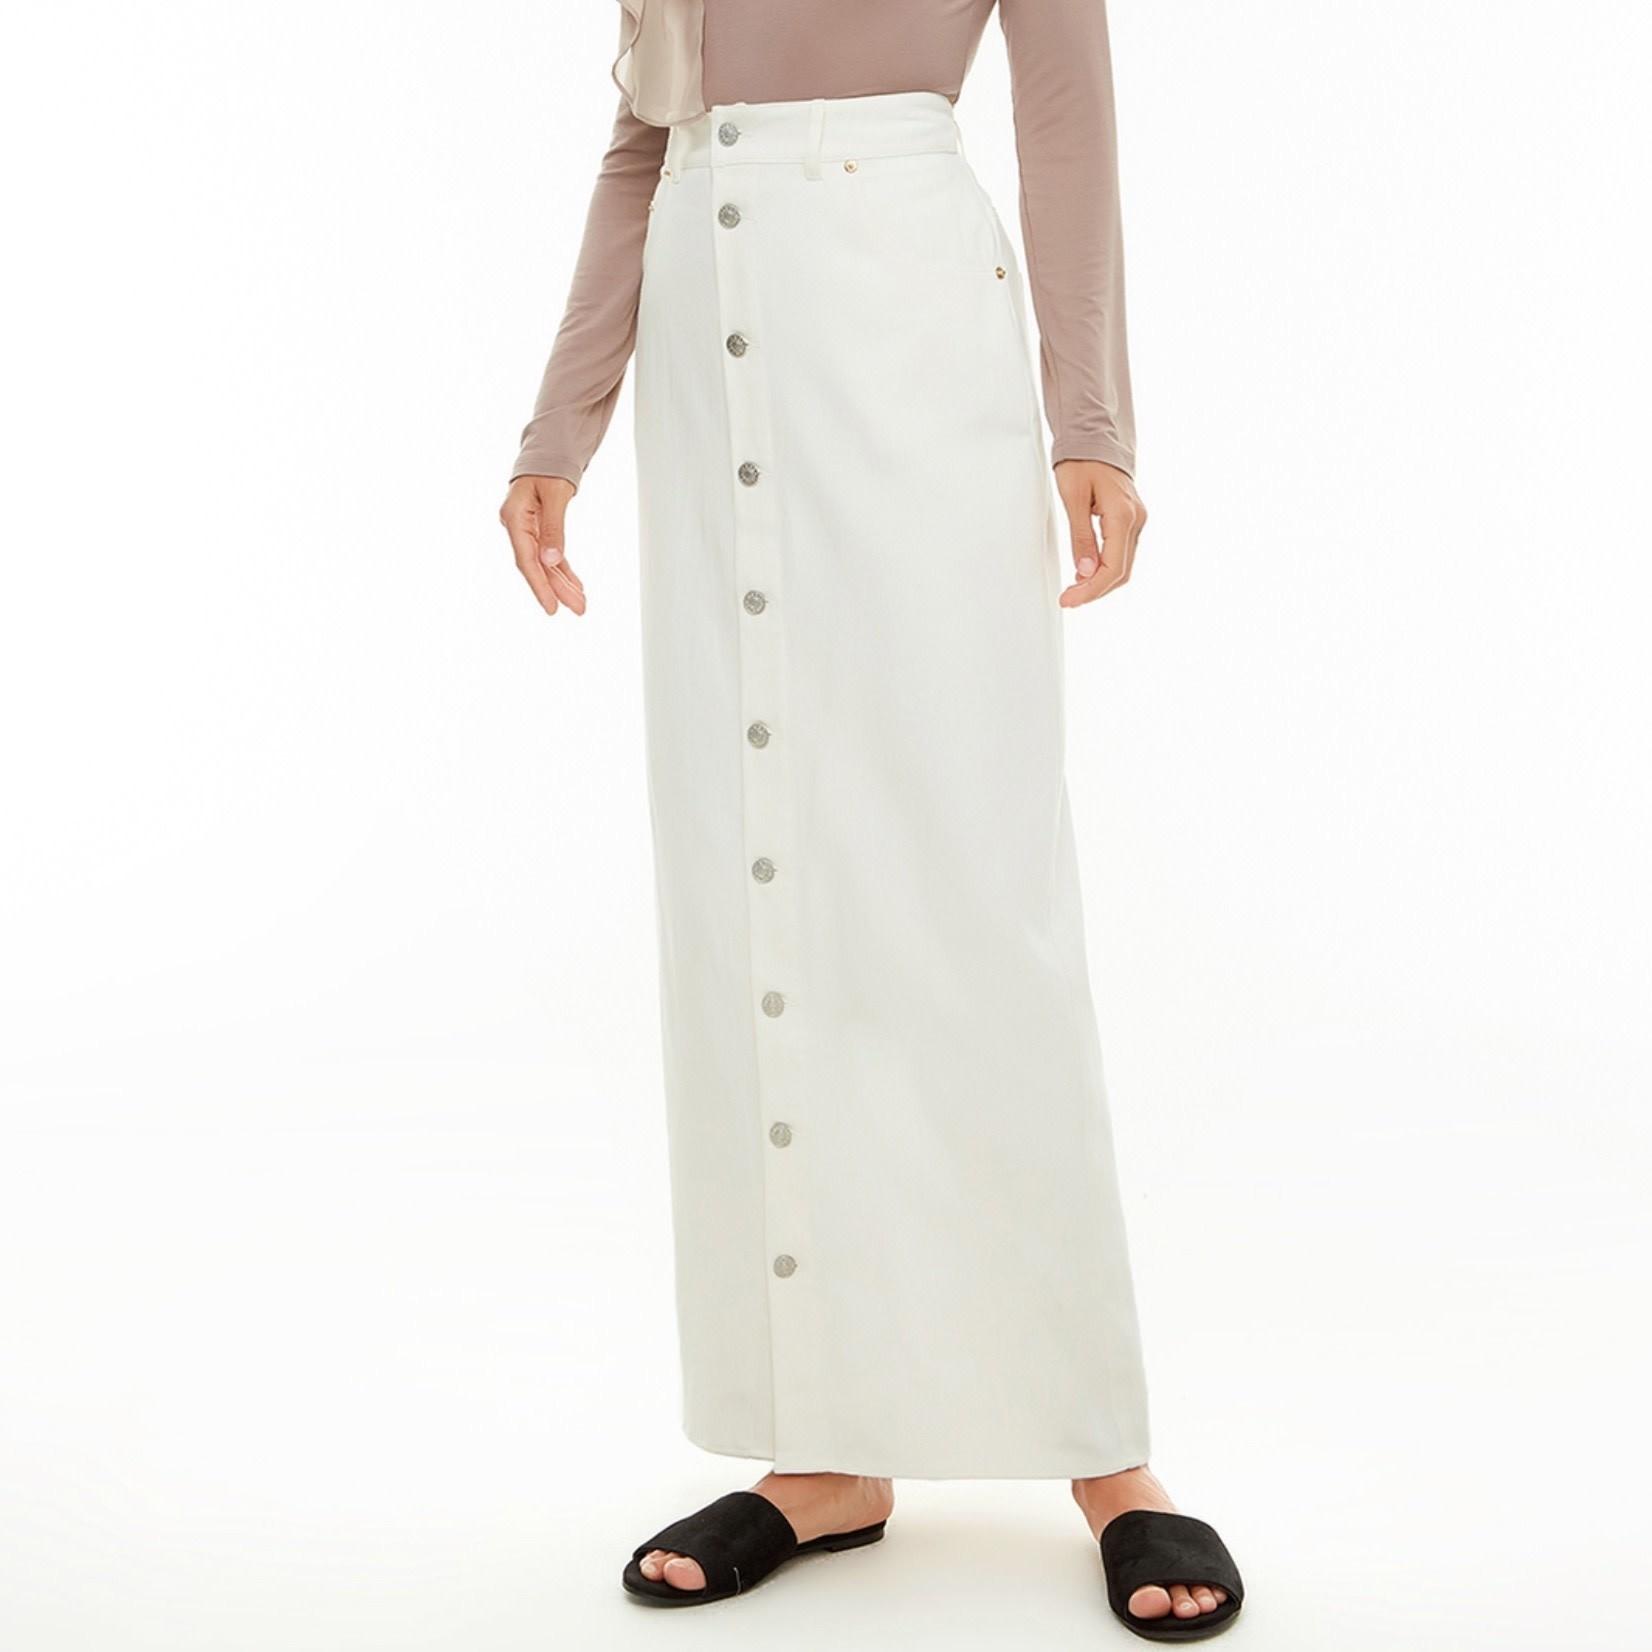 Hijab House White denim skirt